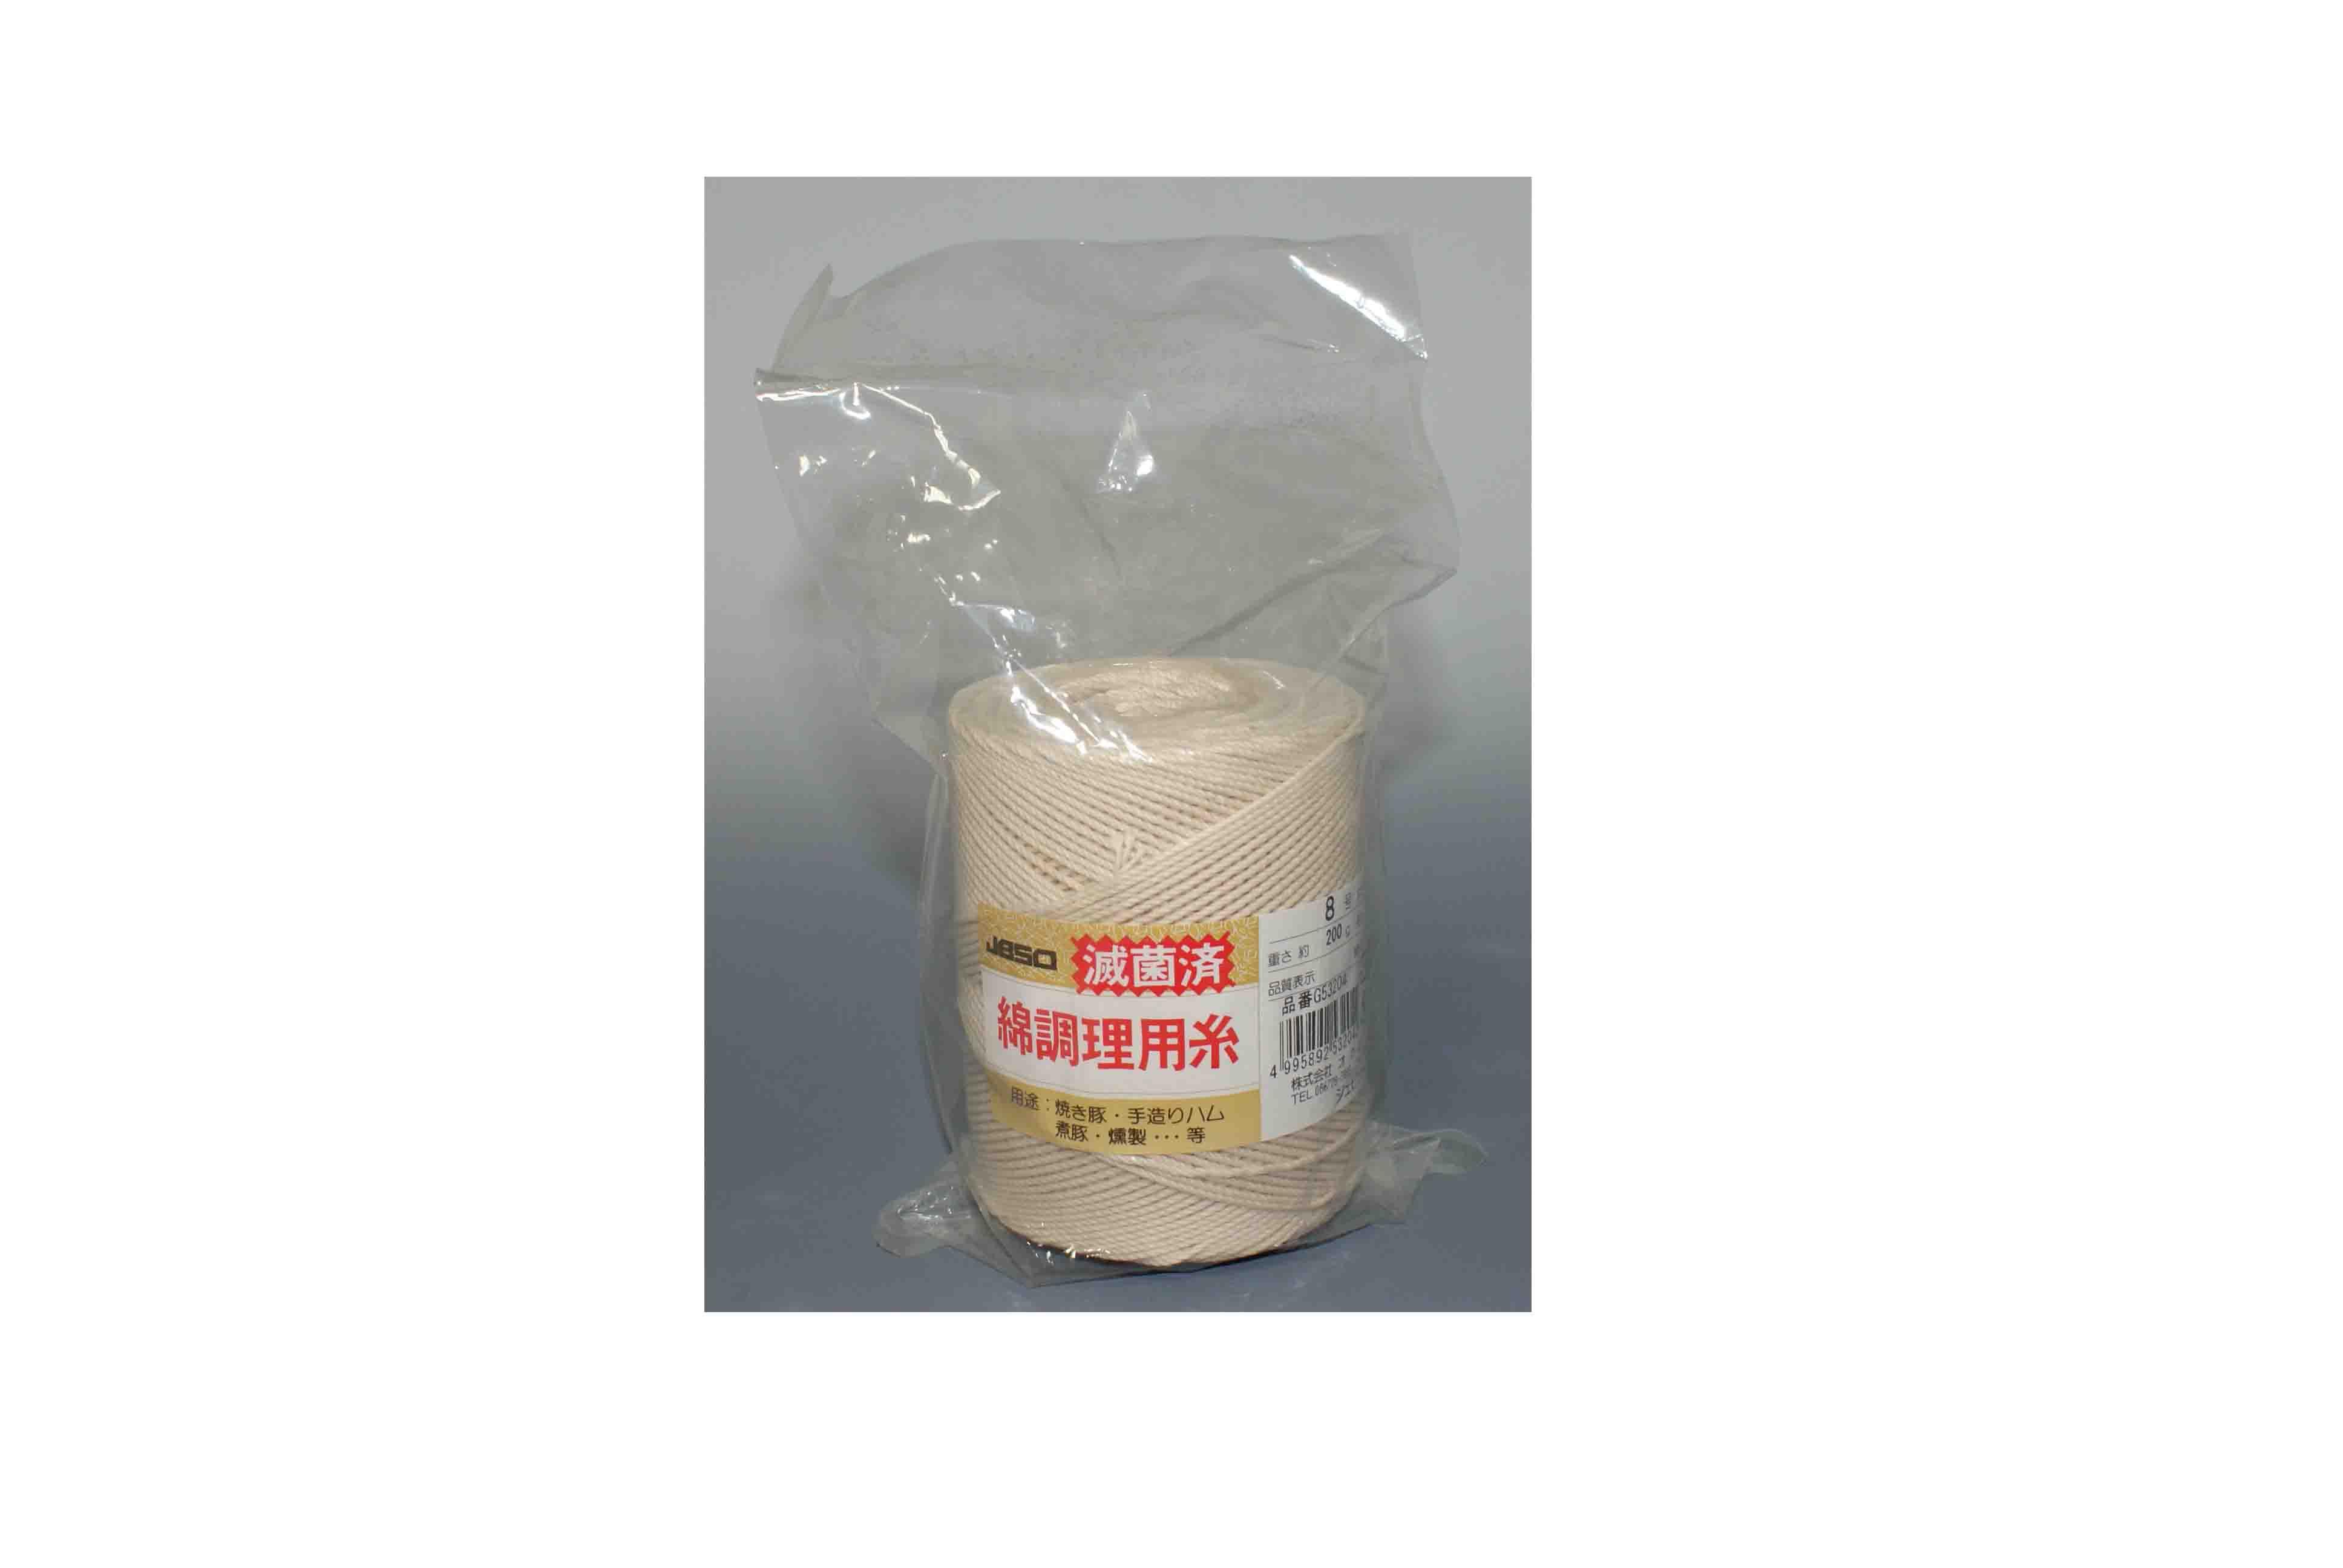 滅菌済 綿調理用糸(無芯巻) 200g巻 日本製